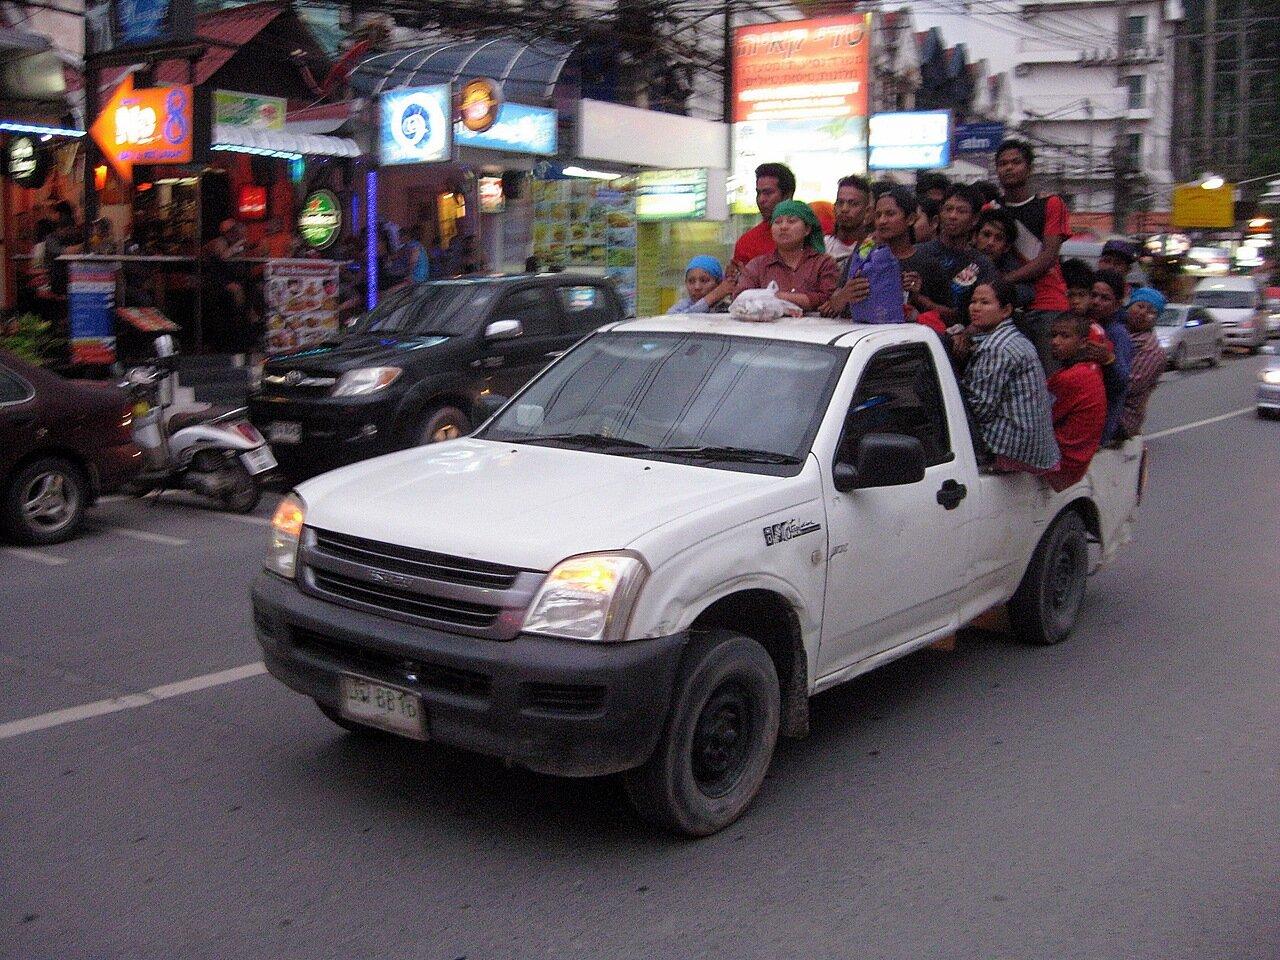 """Патонг, Пхукет, Таиланд, """"подвинься, друг, дышать трудно!"""" - владелец фото http://www.netzim.ru/"""